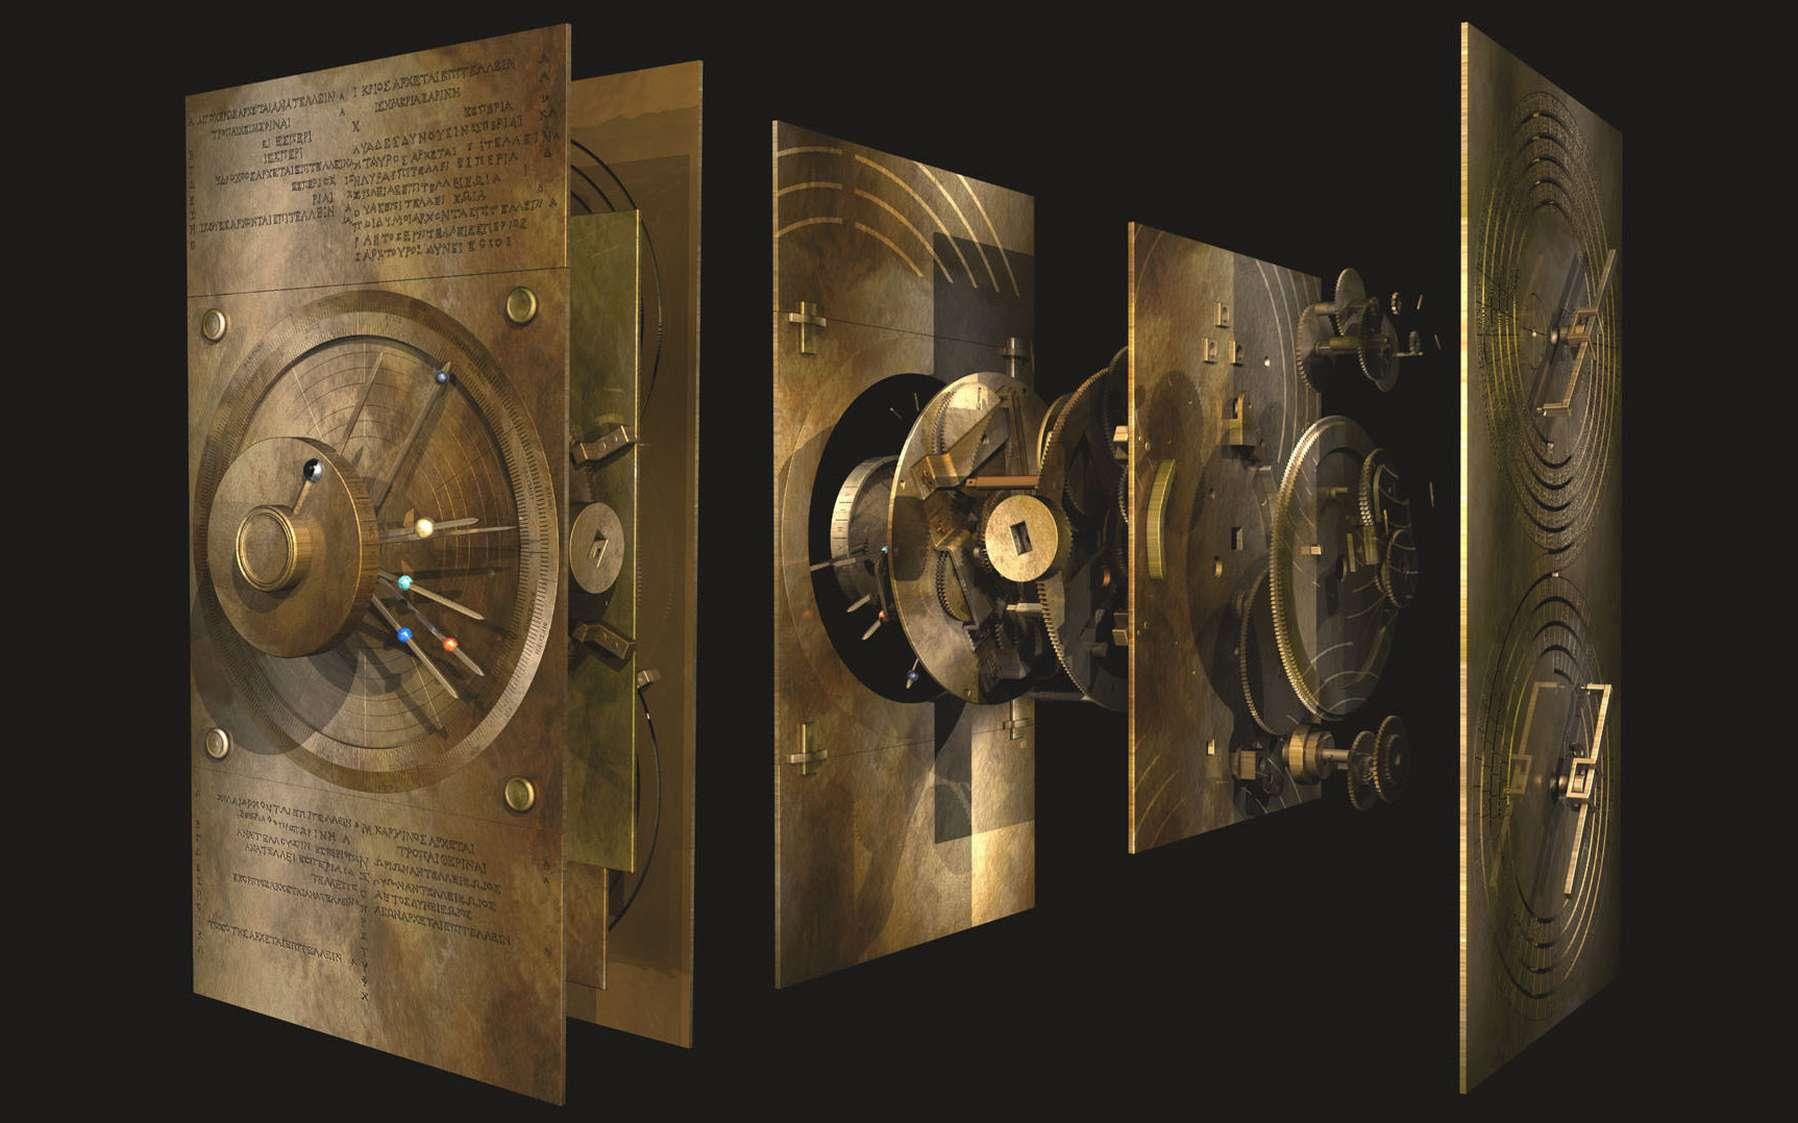 Le mécanisme d'Anthycitère témoigne des avancées de la science grecque et d'un savoir-faire technologique important au début de notre ère. © 2020 Tony Freeth